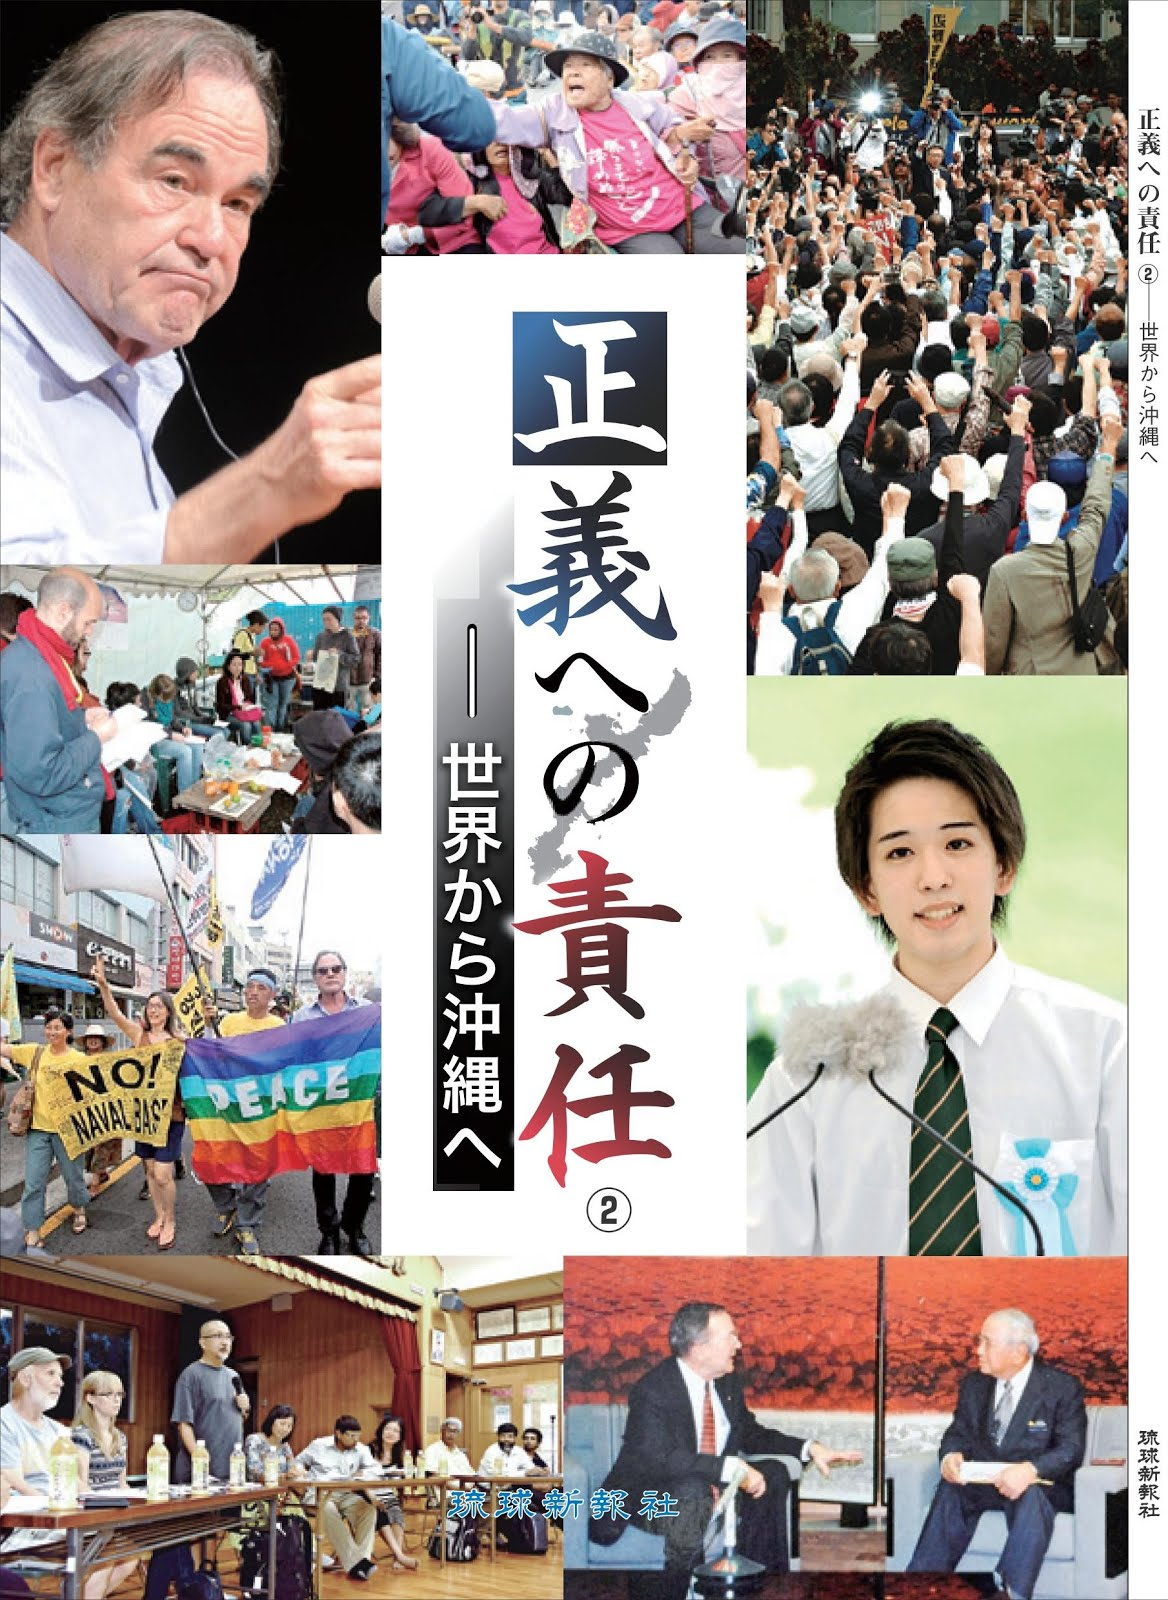 【2016年6月刊】琉球新報『正義への責任―世界から沖縄へ②』 Responsibility for Justice - from the World to Okinawa Vol.2